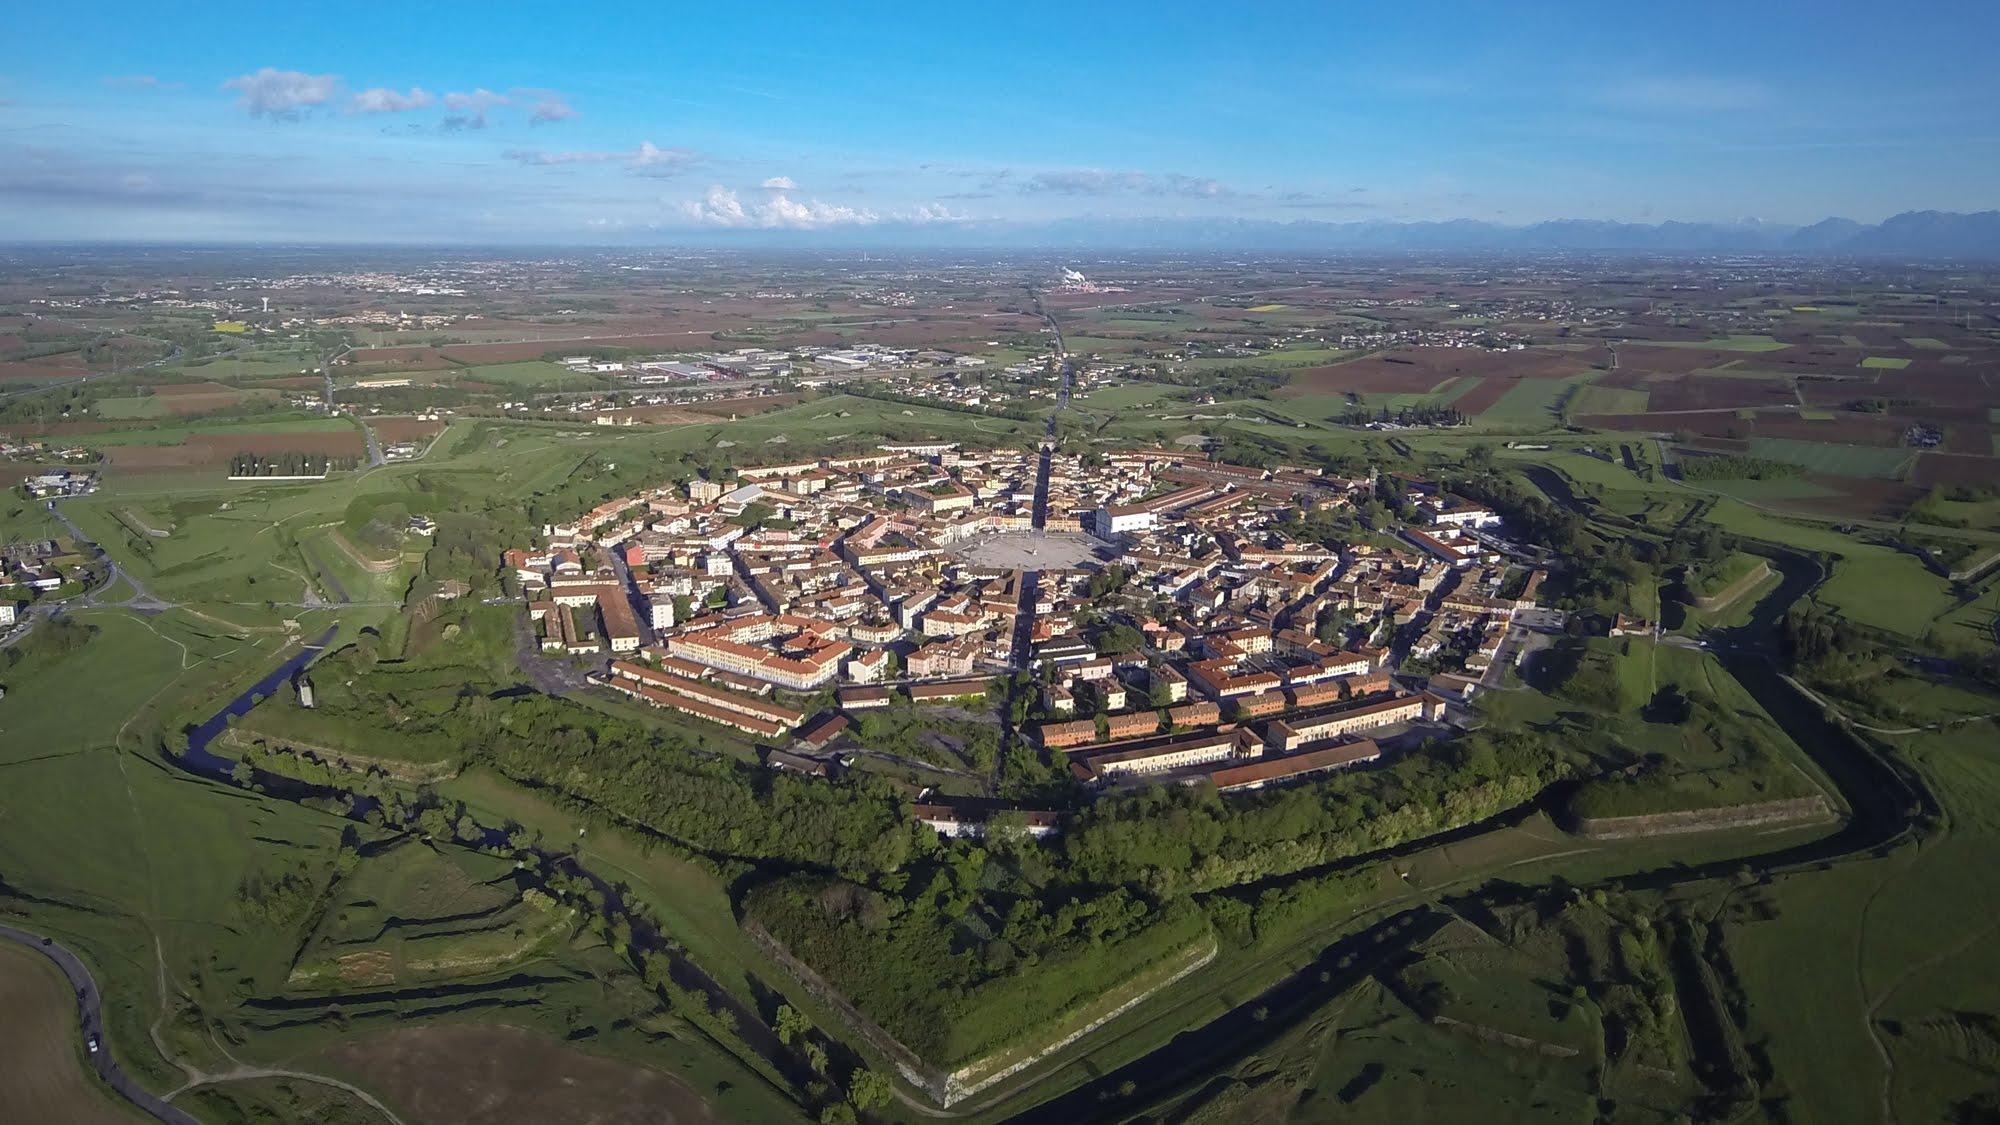 Vivo en una fortaleza inexpugnable: 5 poblaciones dentro de ciudadelas amuralladas